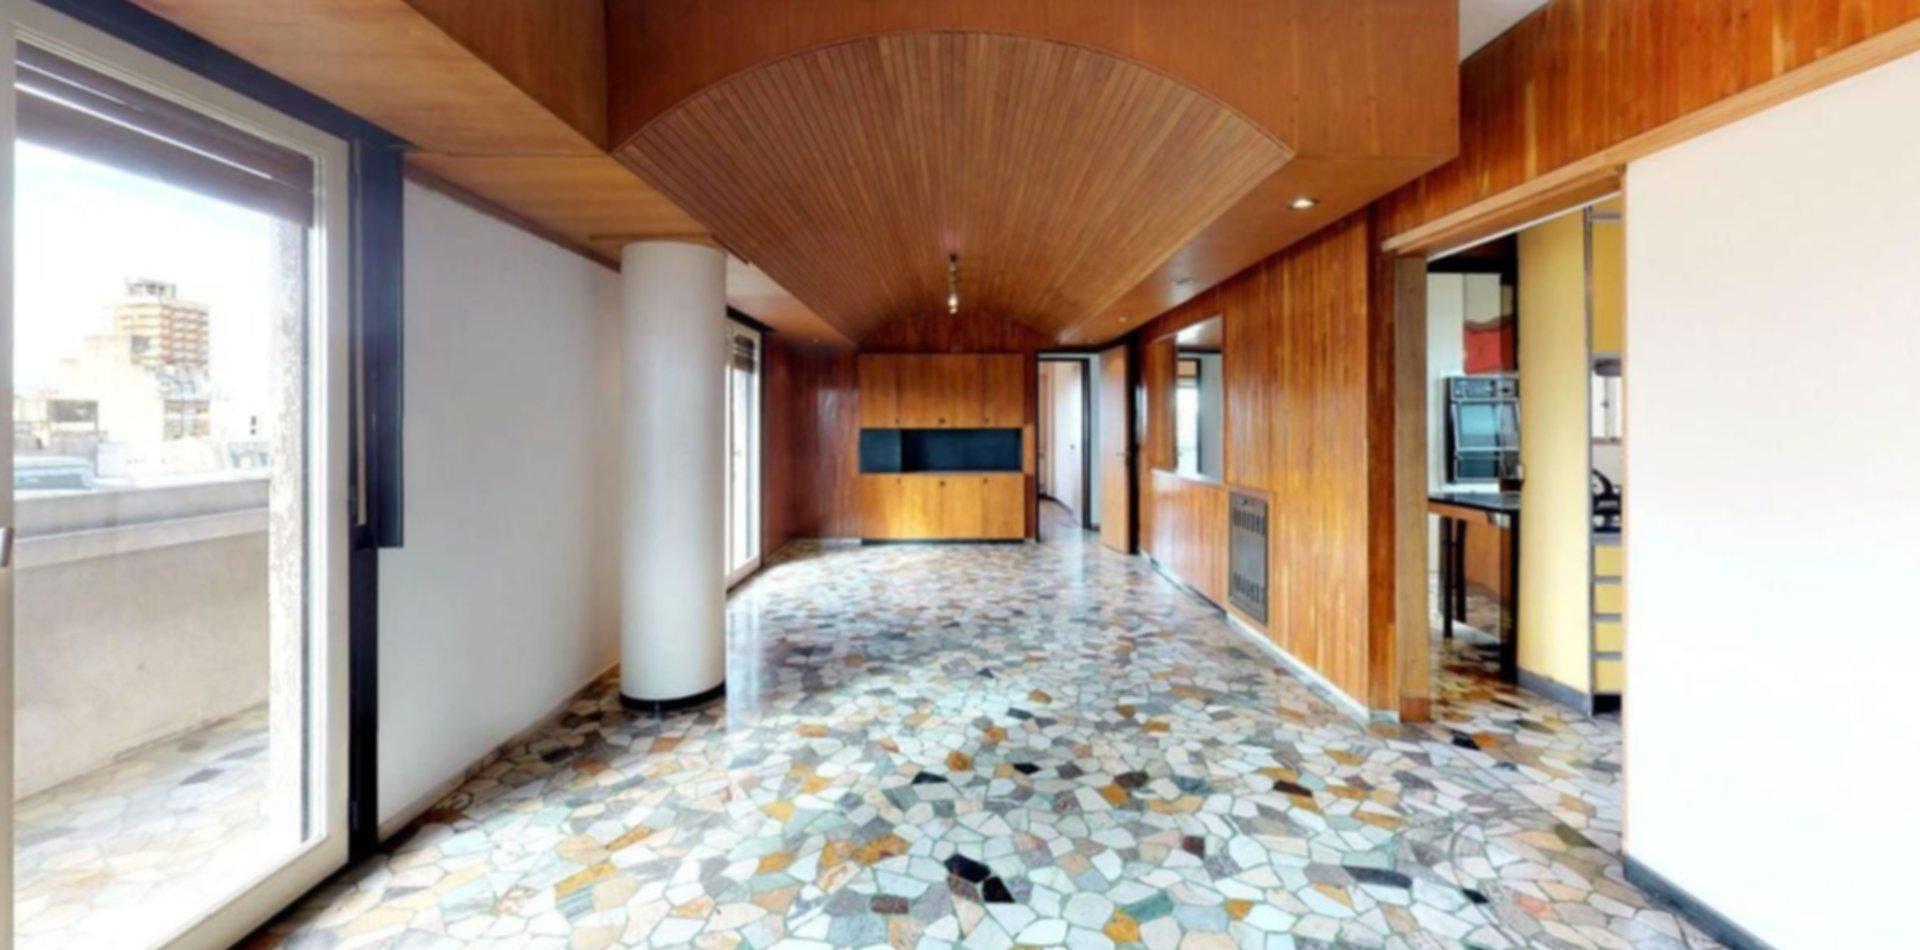 Lujoso y vanguardista: así es por dentro el mítico edificio América de 7 y 50